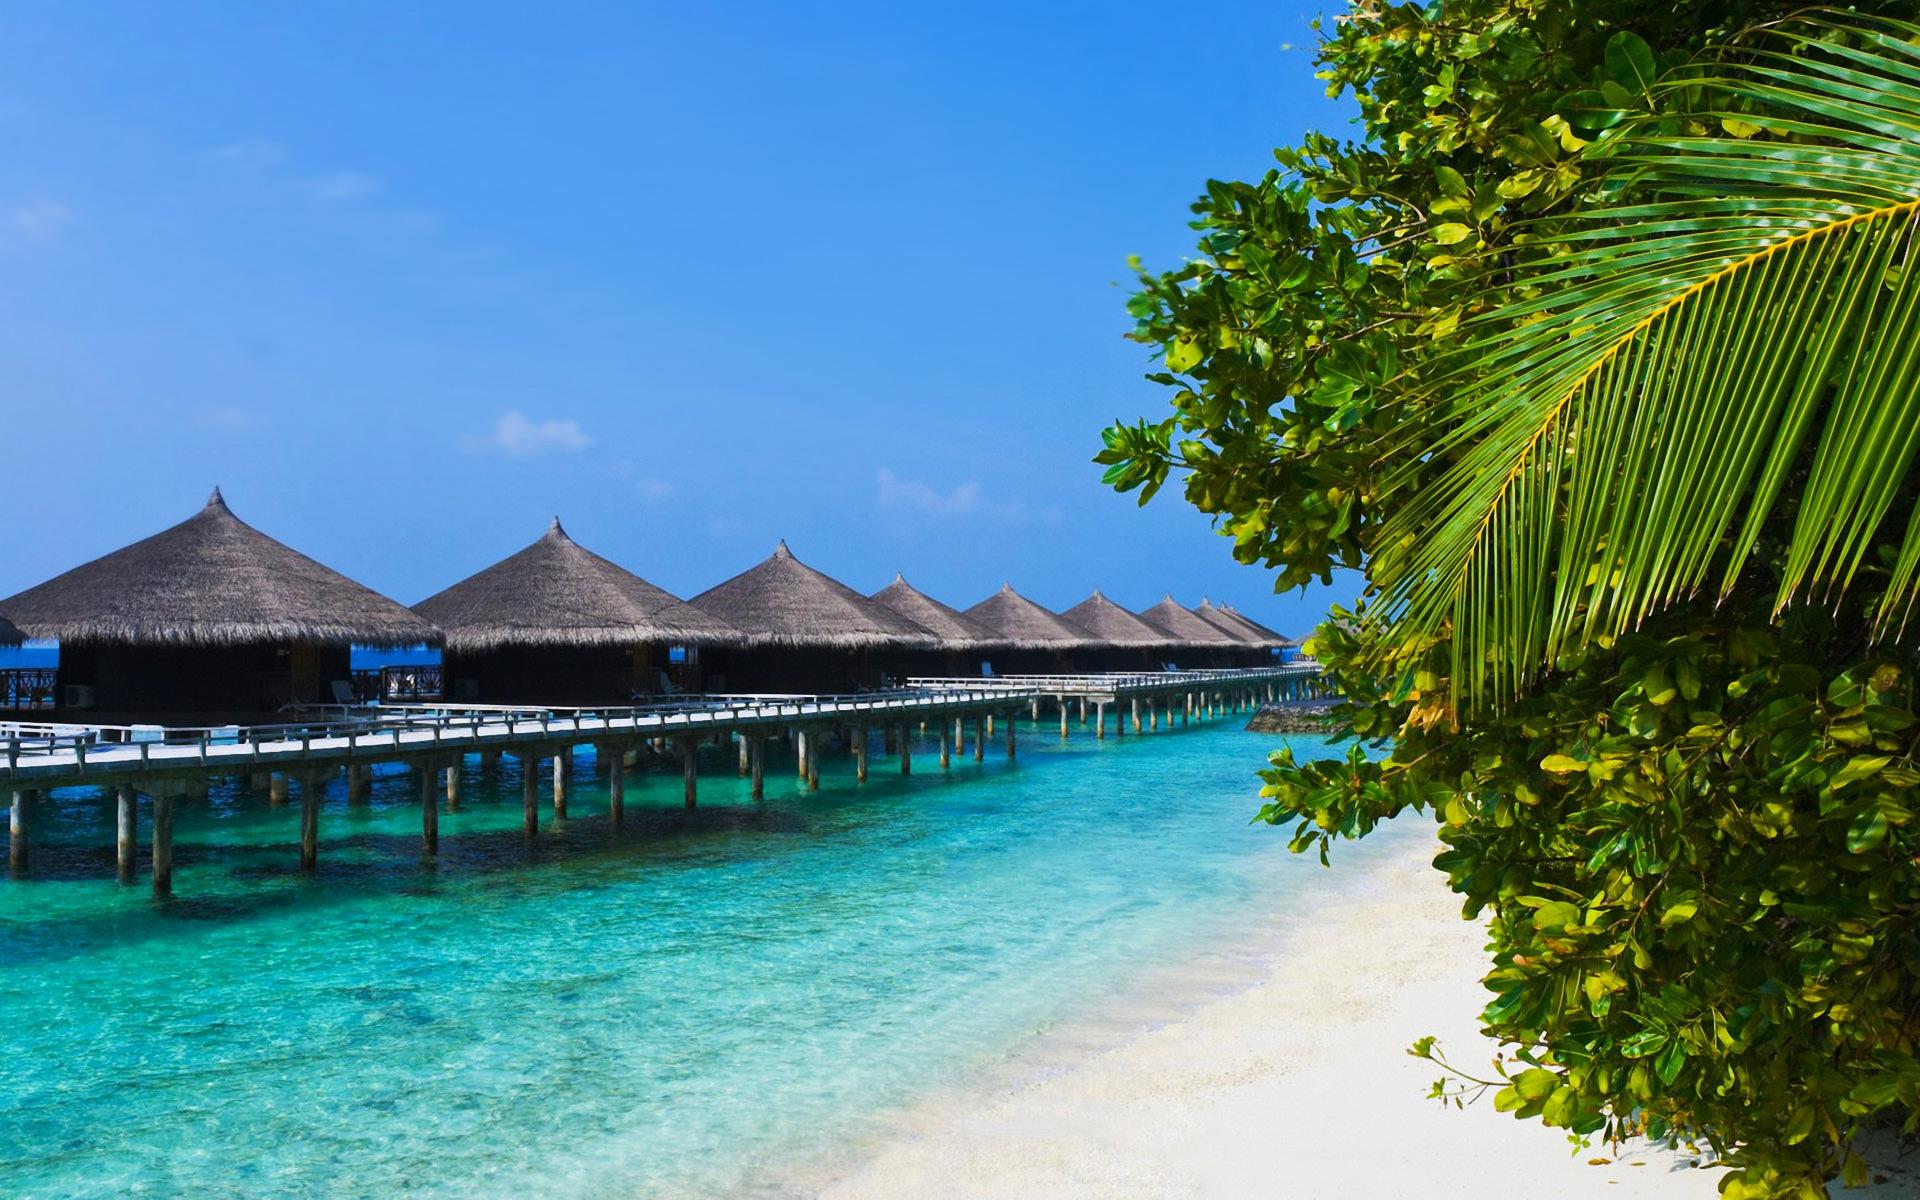 Tropical Beach Desktop Backgrounds HD wallpaper background